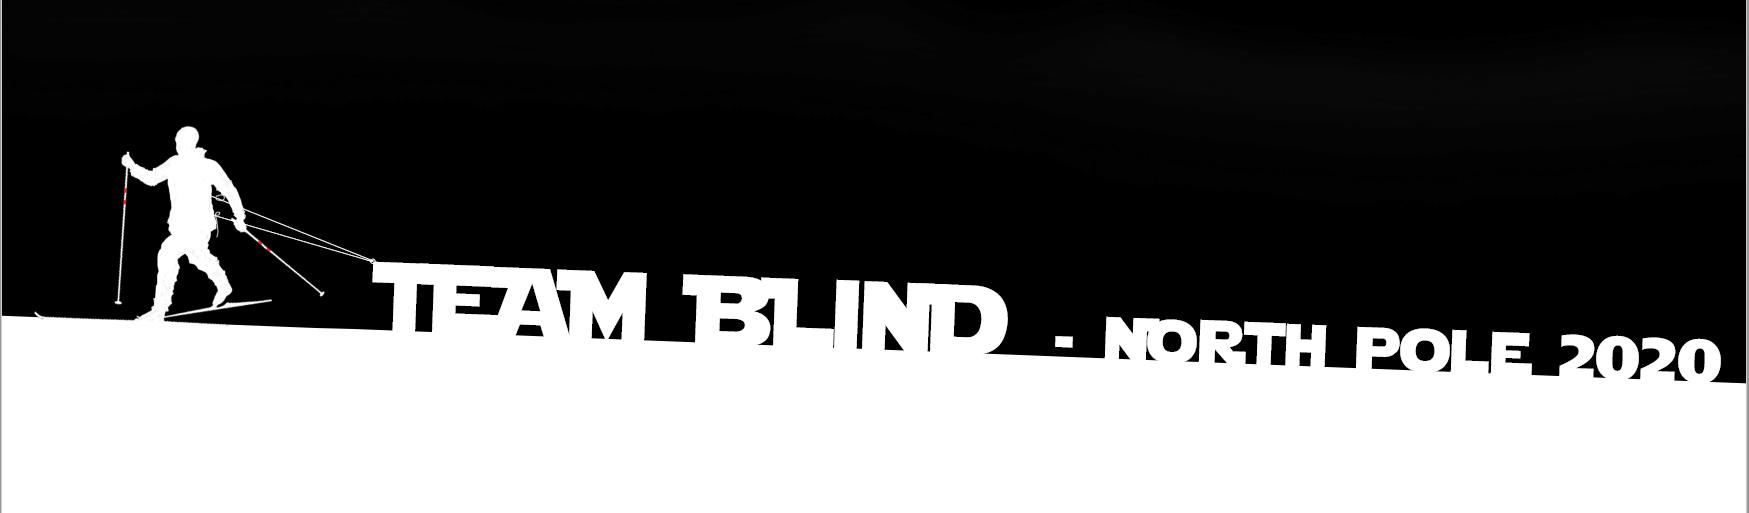 """Skiløber der trækker et banner med teksten """"Team Blind - North Pole 2020"""""""